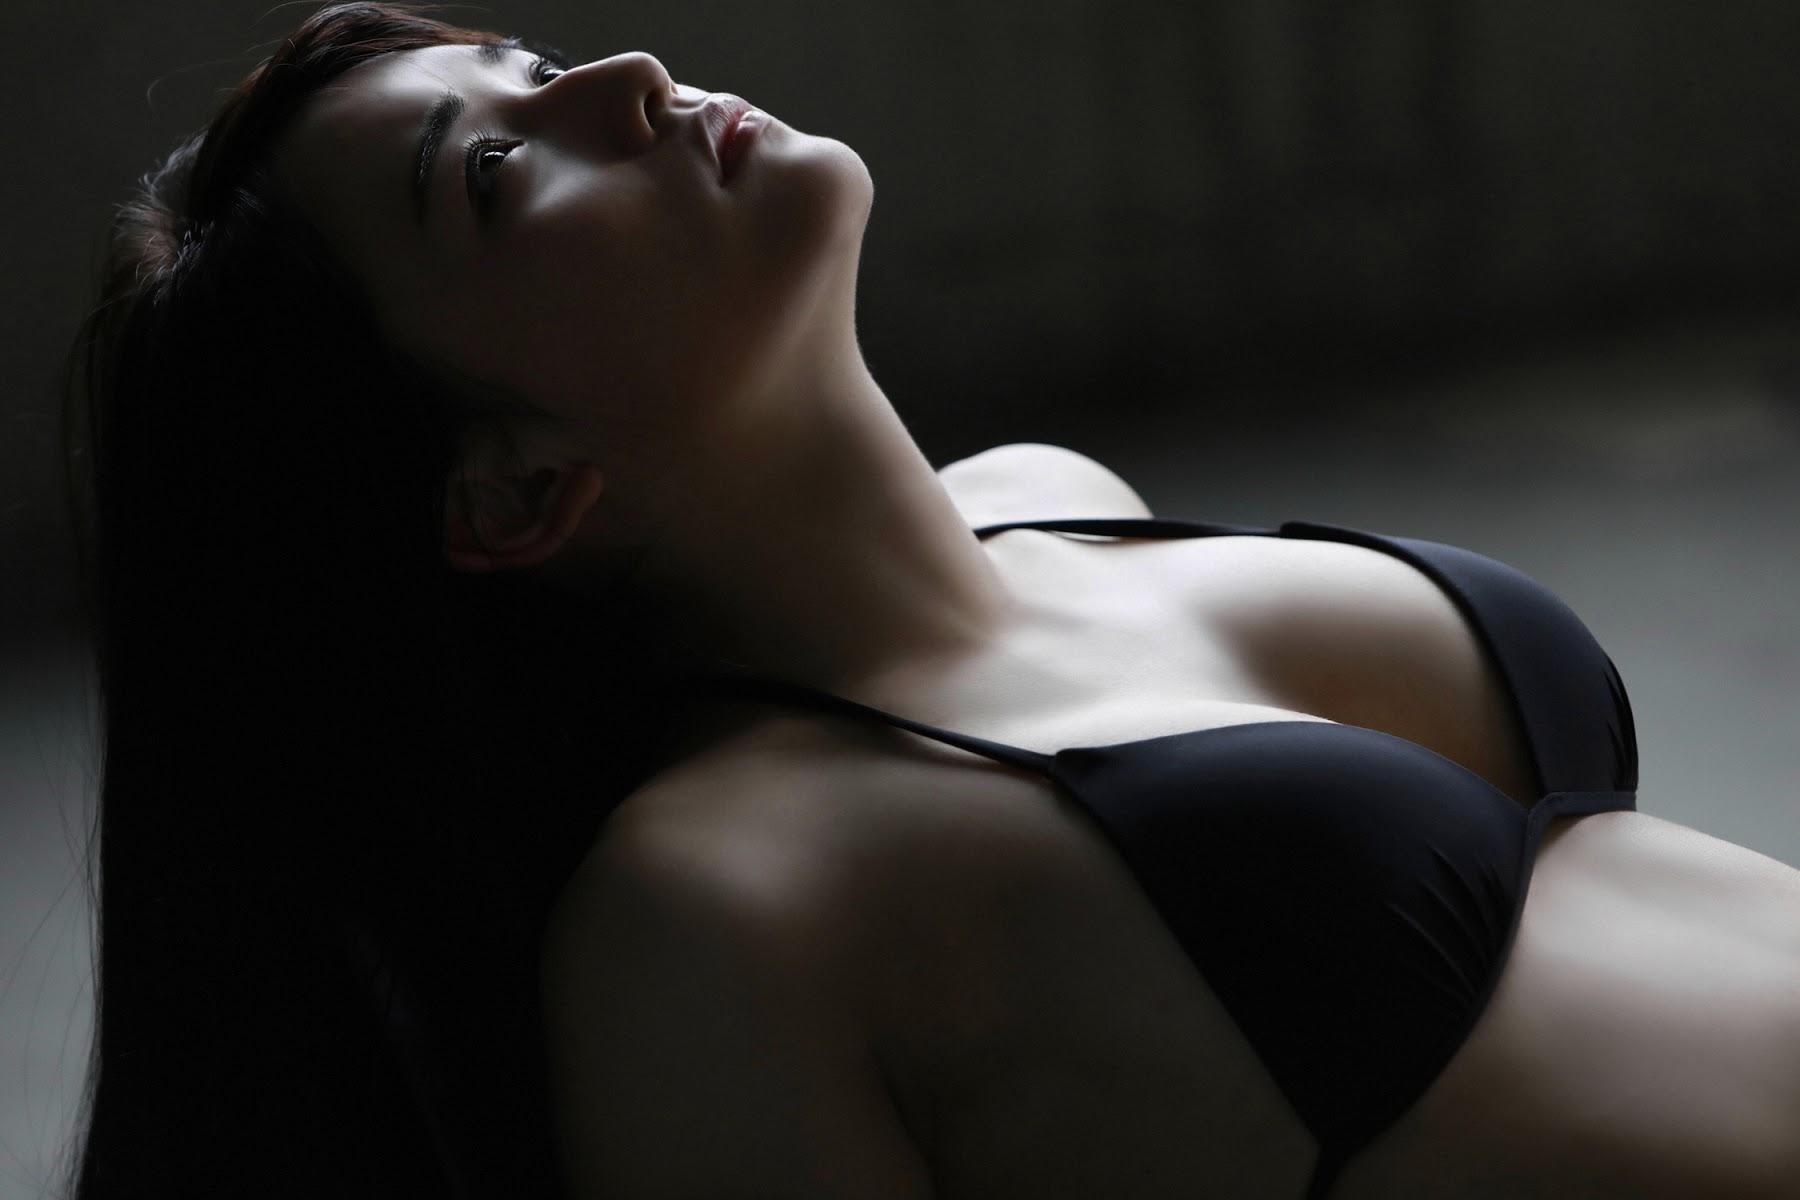 NANA ASAKAWA HOT SHOT082